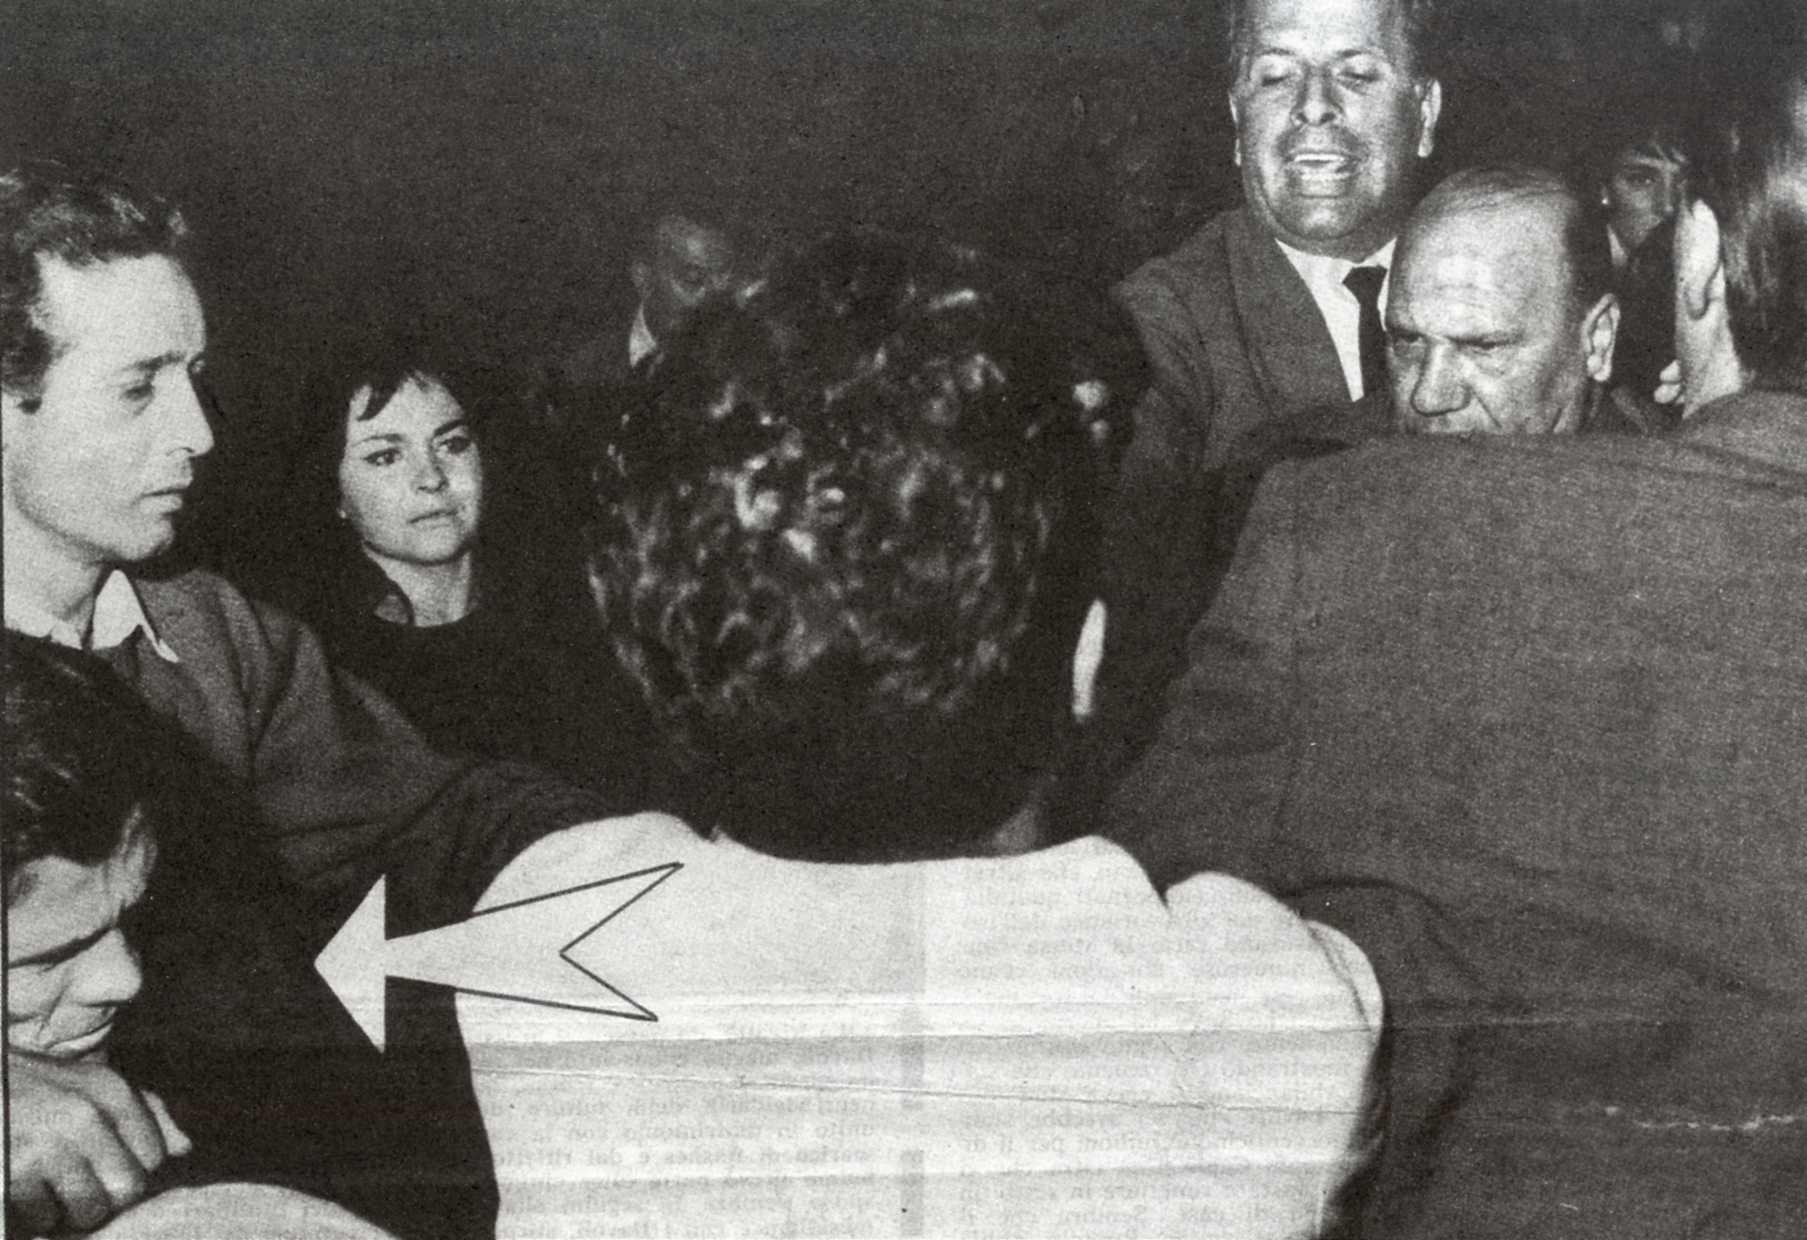 Pier Paolo Pasolini prende a schiaffi uno studente di estrema destra (1962)